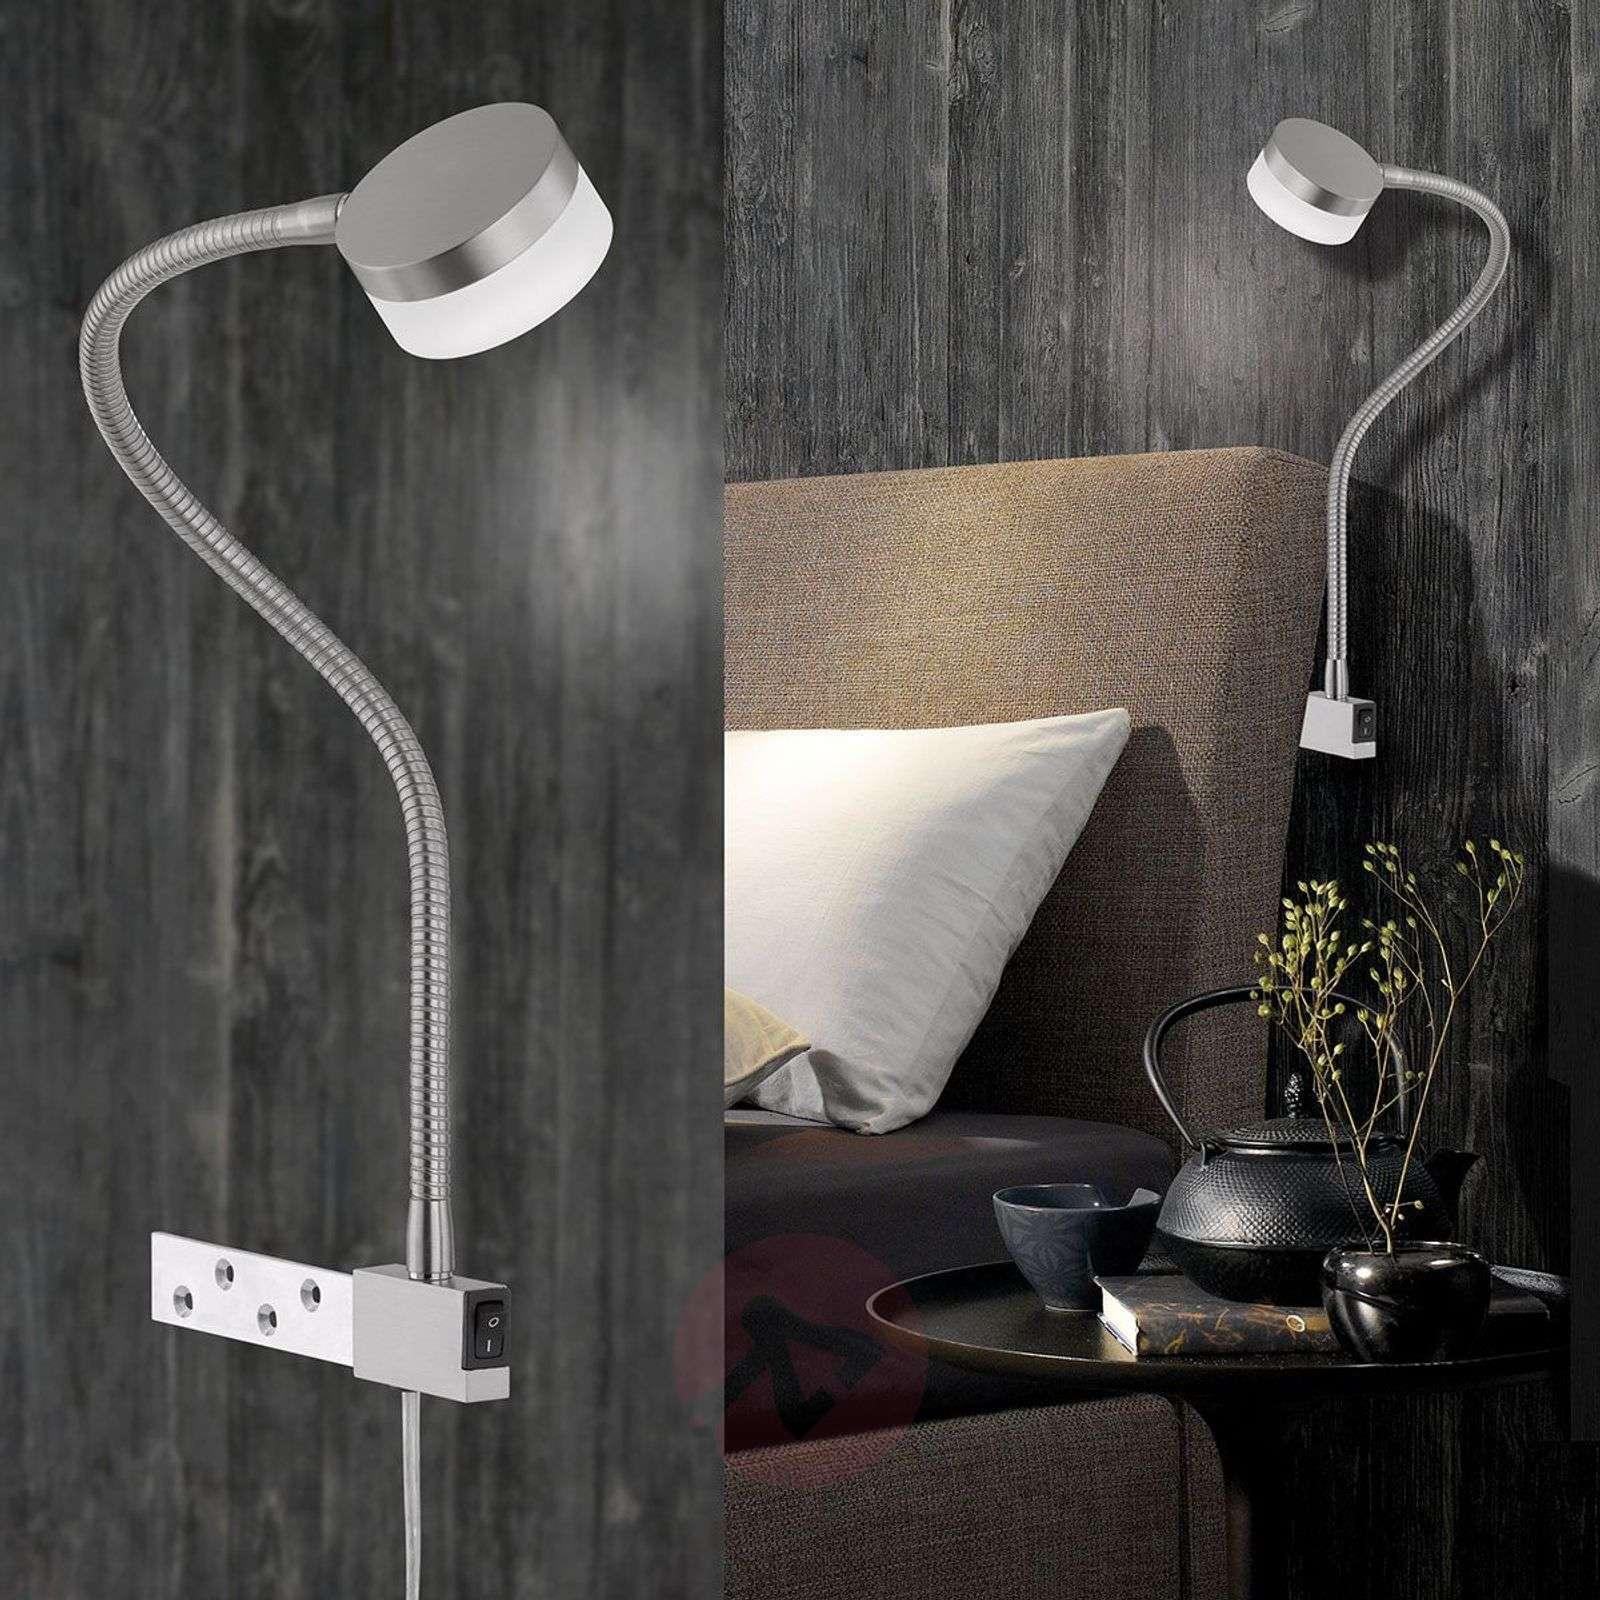 Säädettävä LED-klipsivalaisin Lug-4581365-01